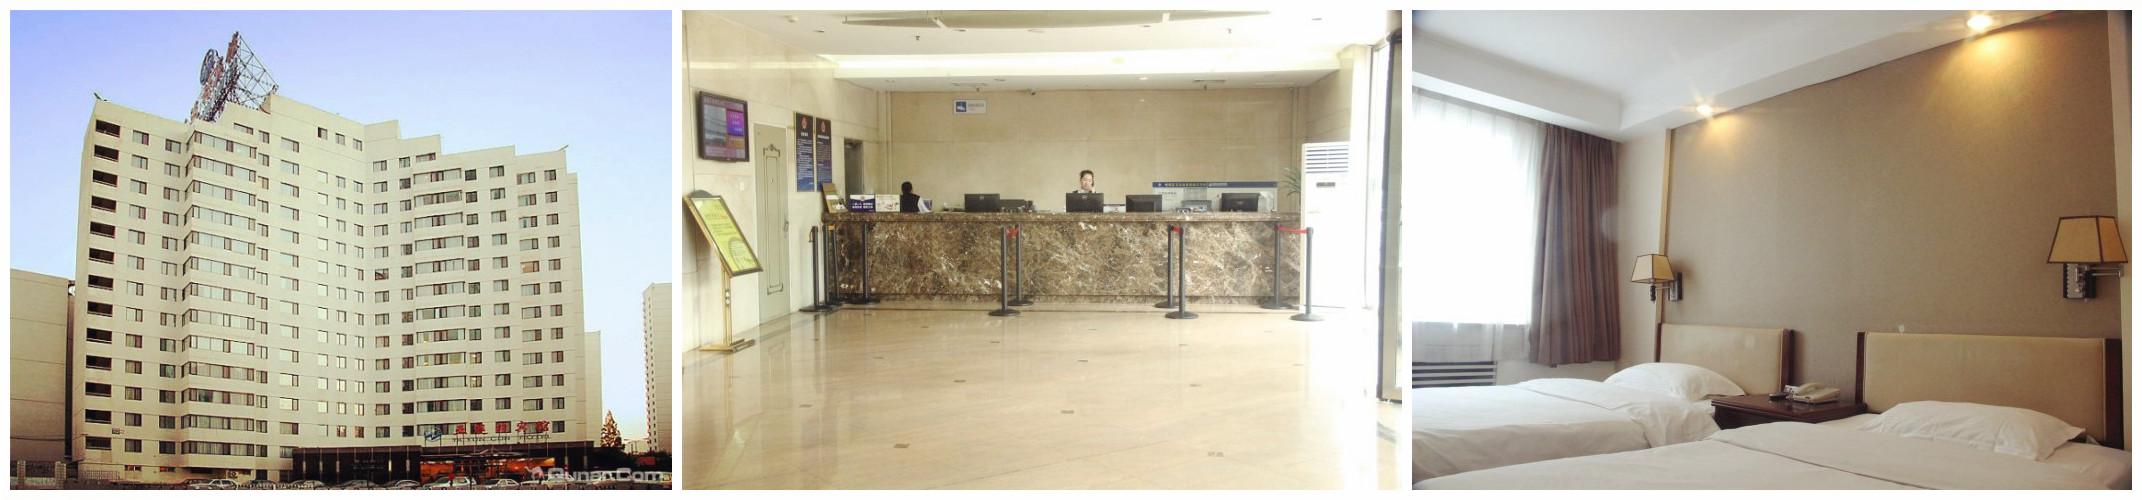 北京亚运村宾馆